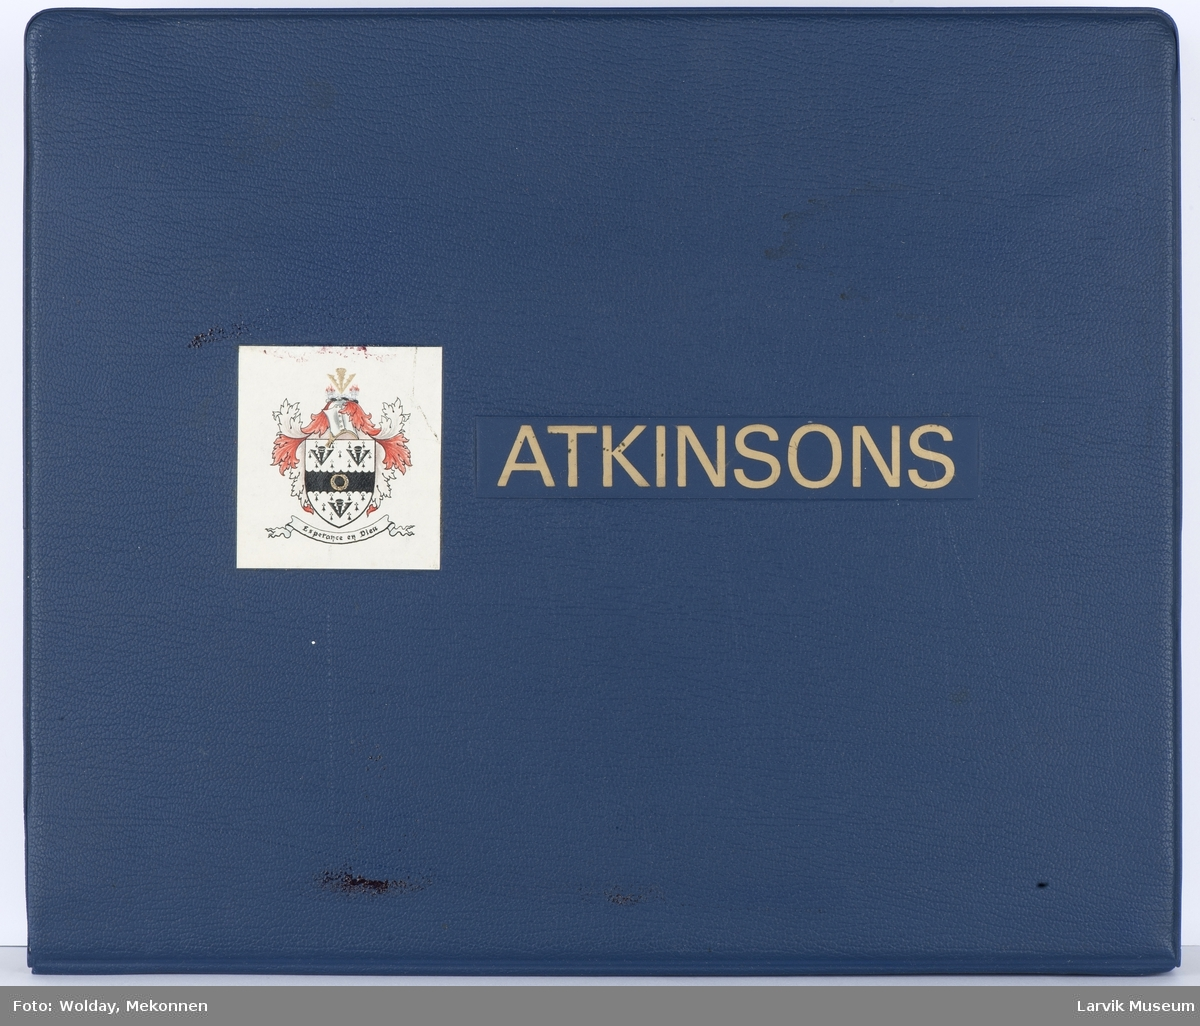 Produktperm/katalog med 34 2-sidig ark à 3 stoffprøver på hver side med poplinstoff